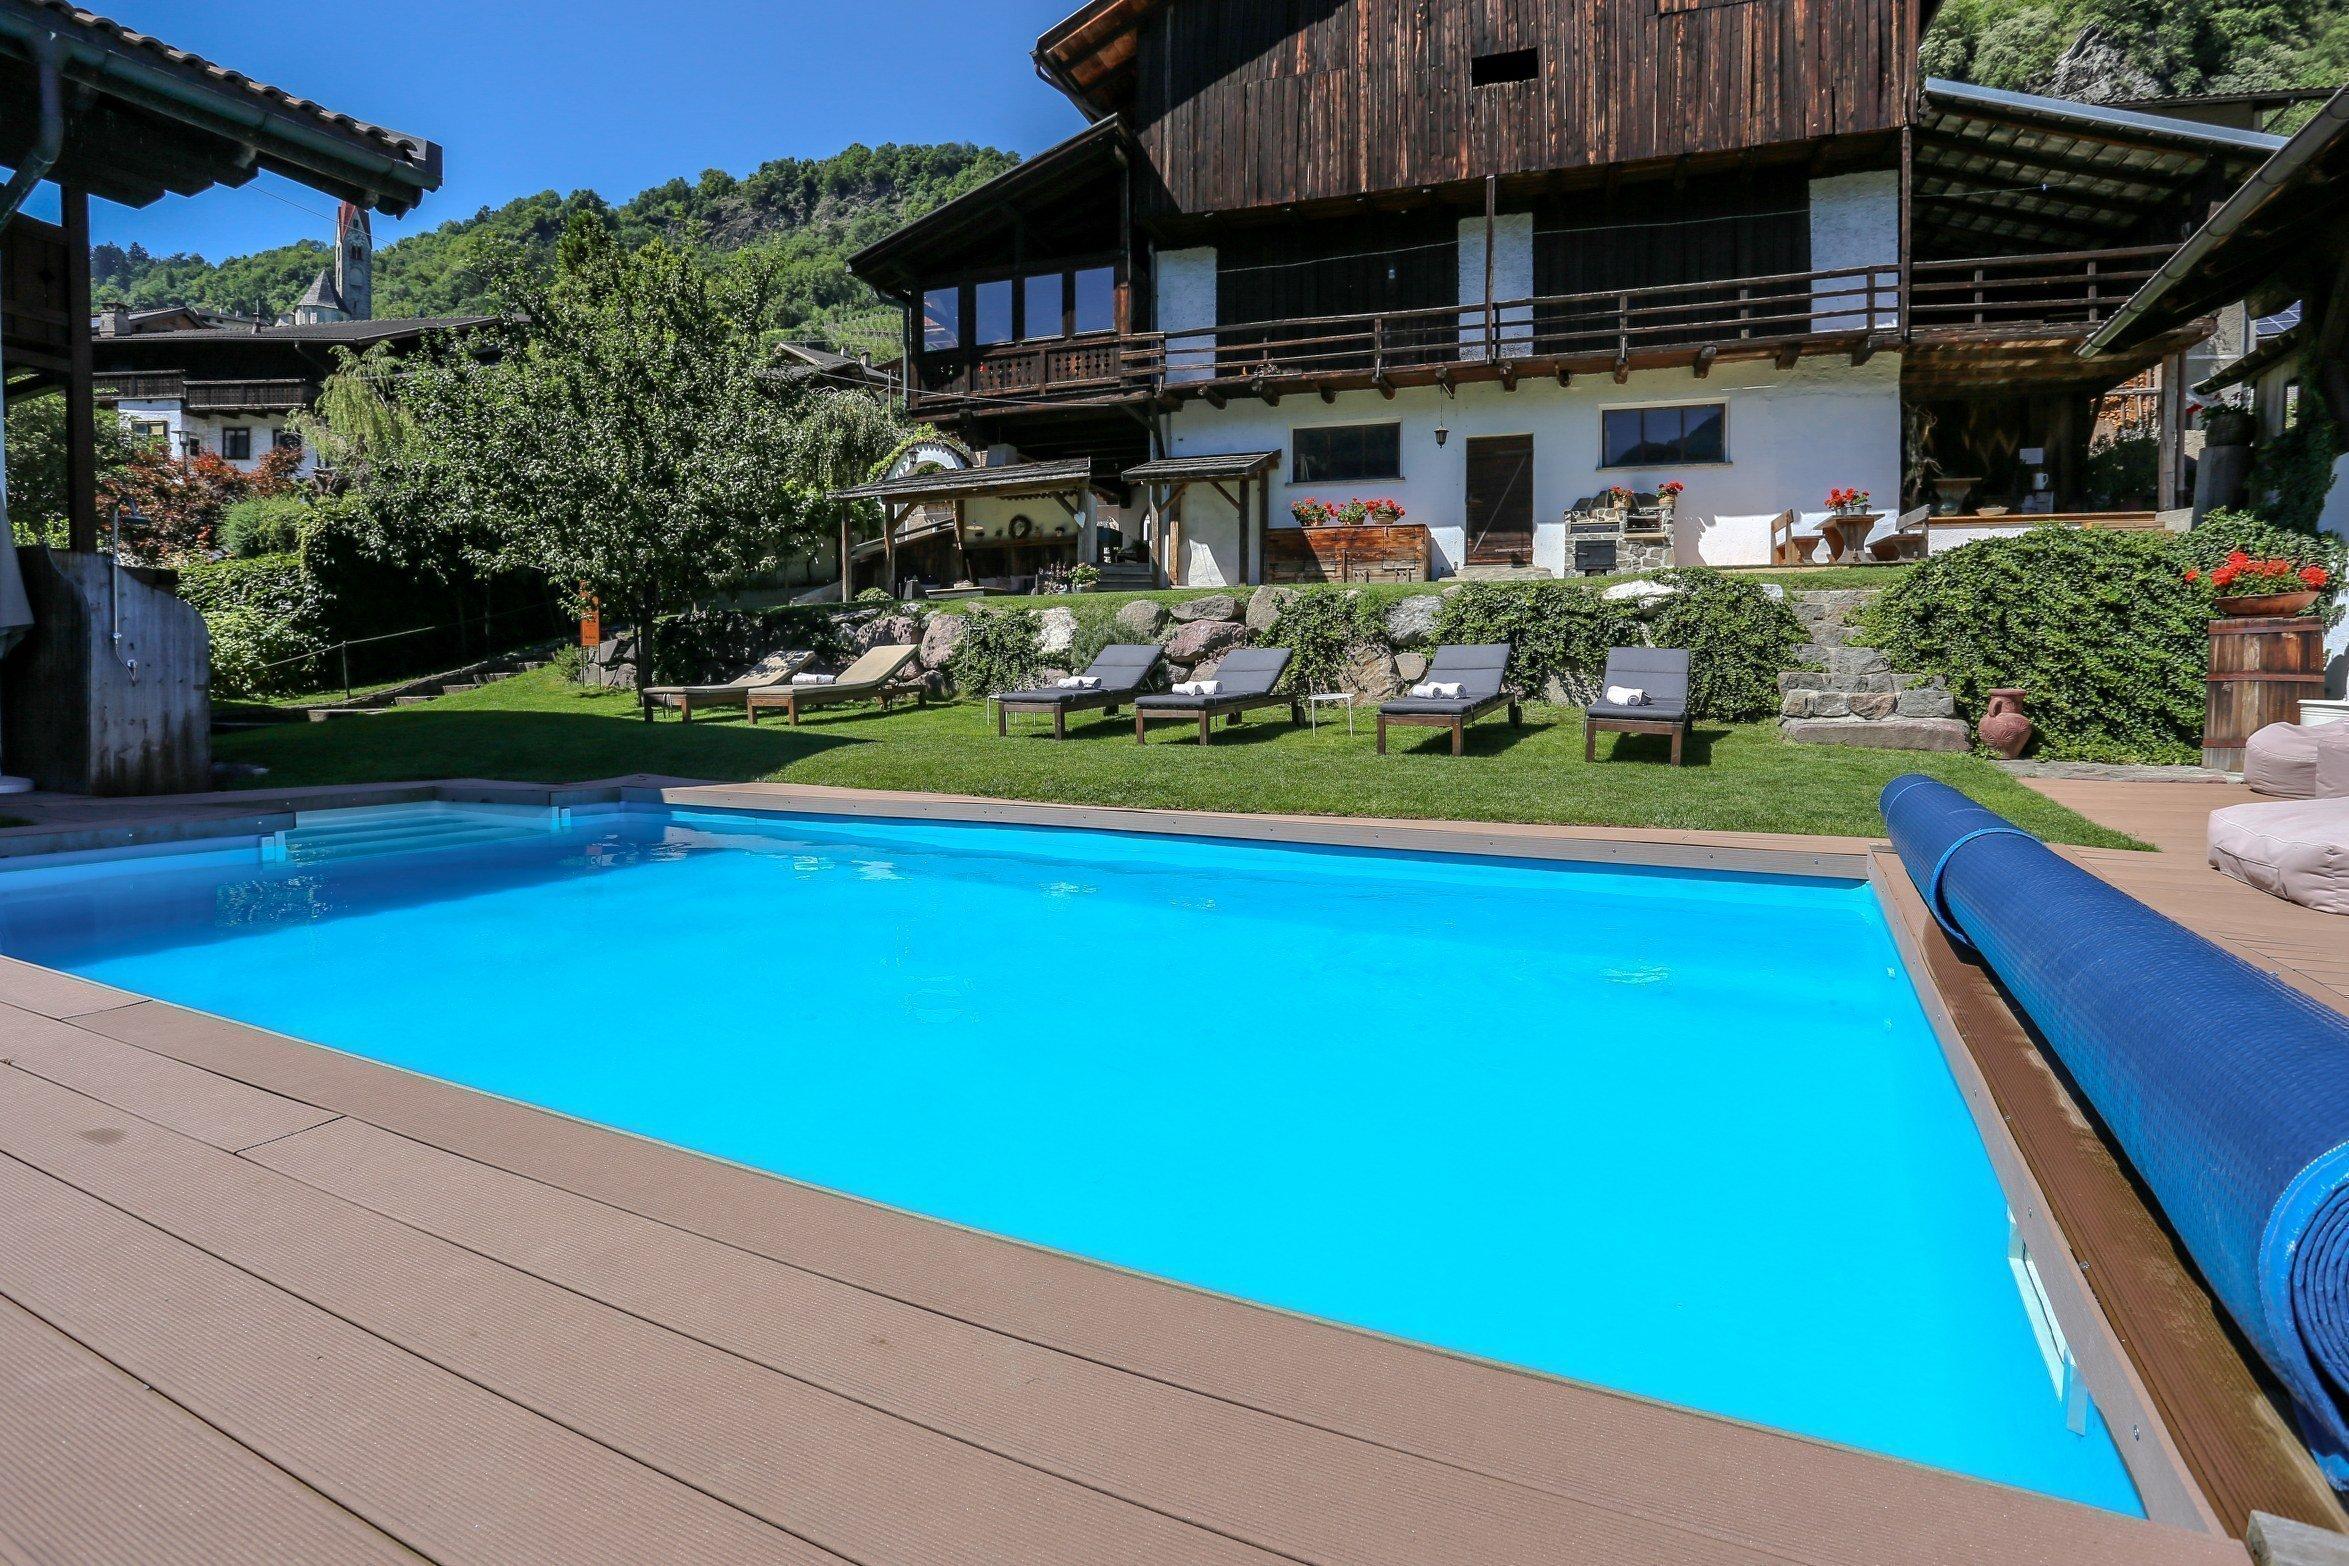 Appartamenti vacanza con piscina - Appartamenti con piscina ...